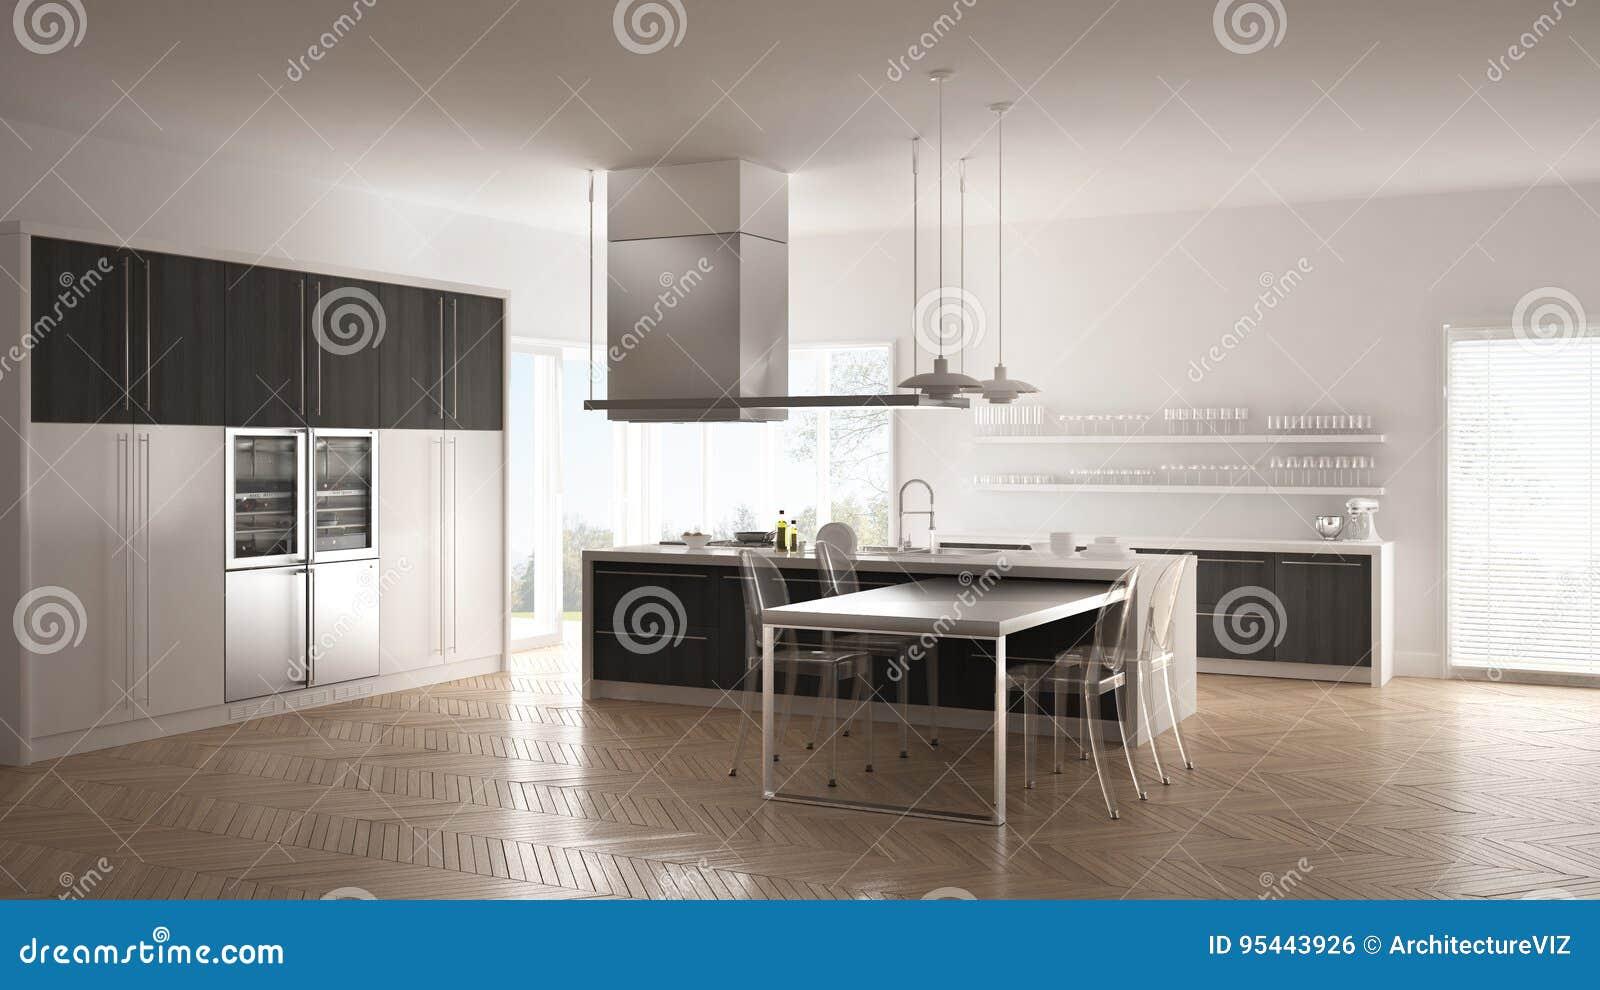 Pavimento Bianco E Grigio : Cucina moderna di minimalistic con la tavola le sedie ed il